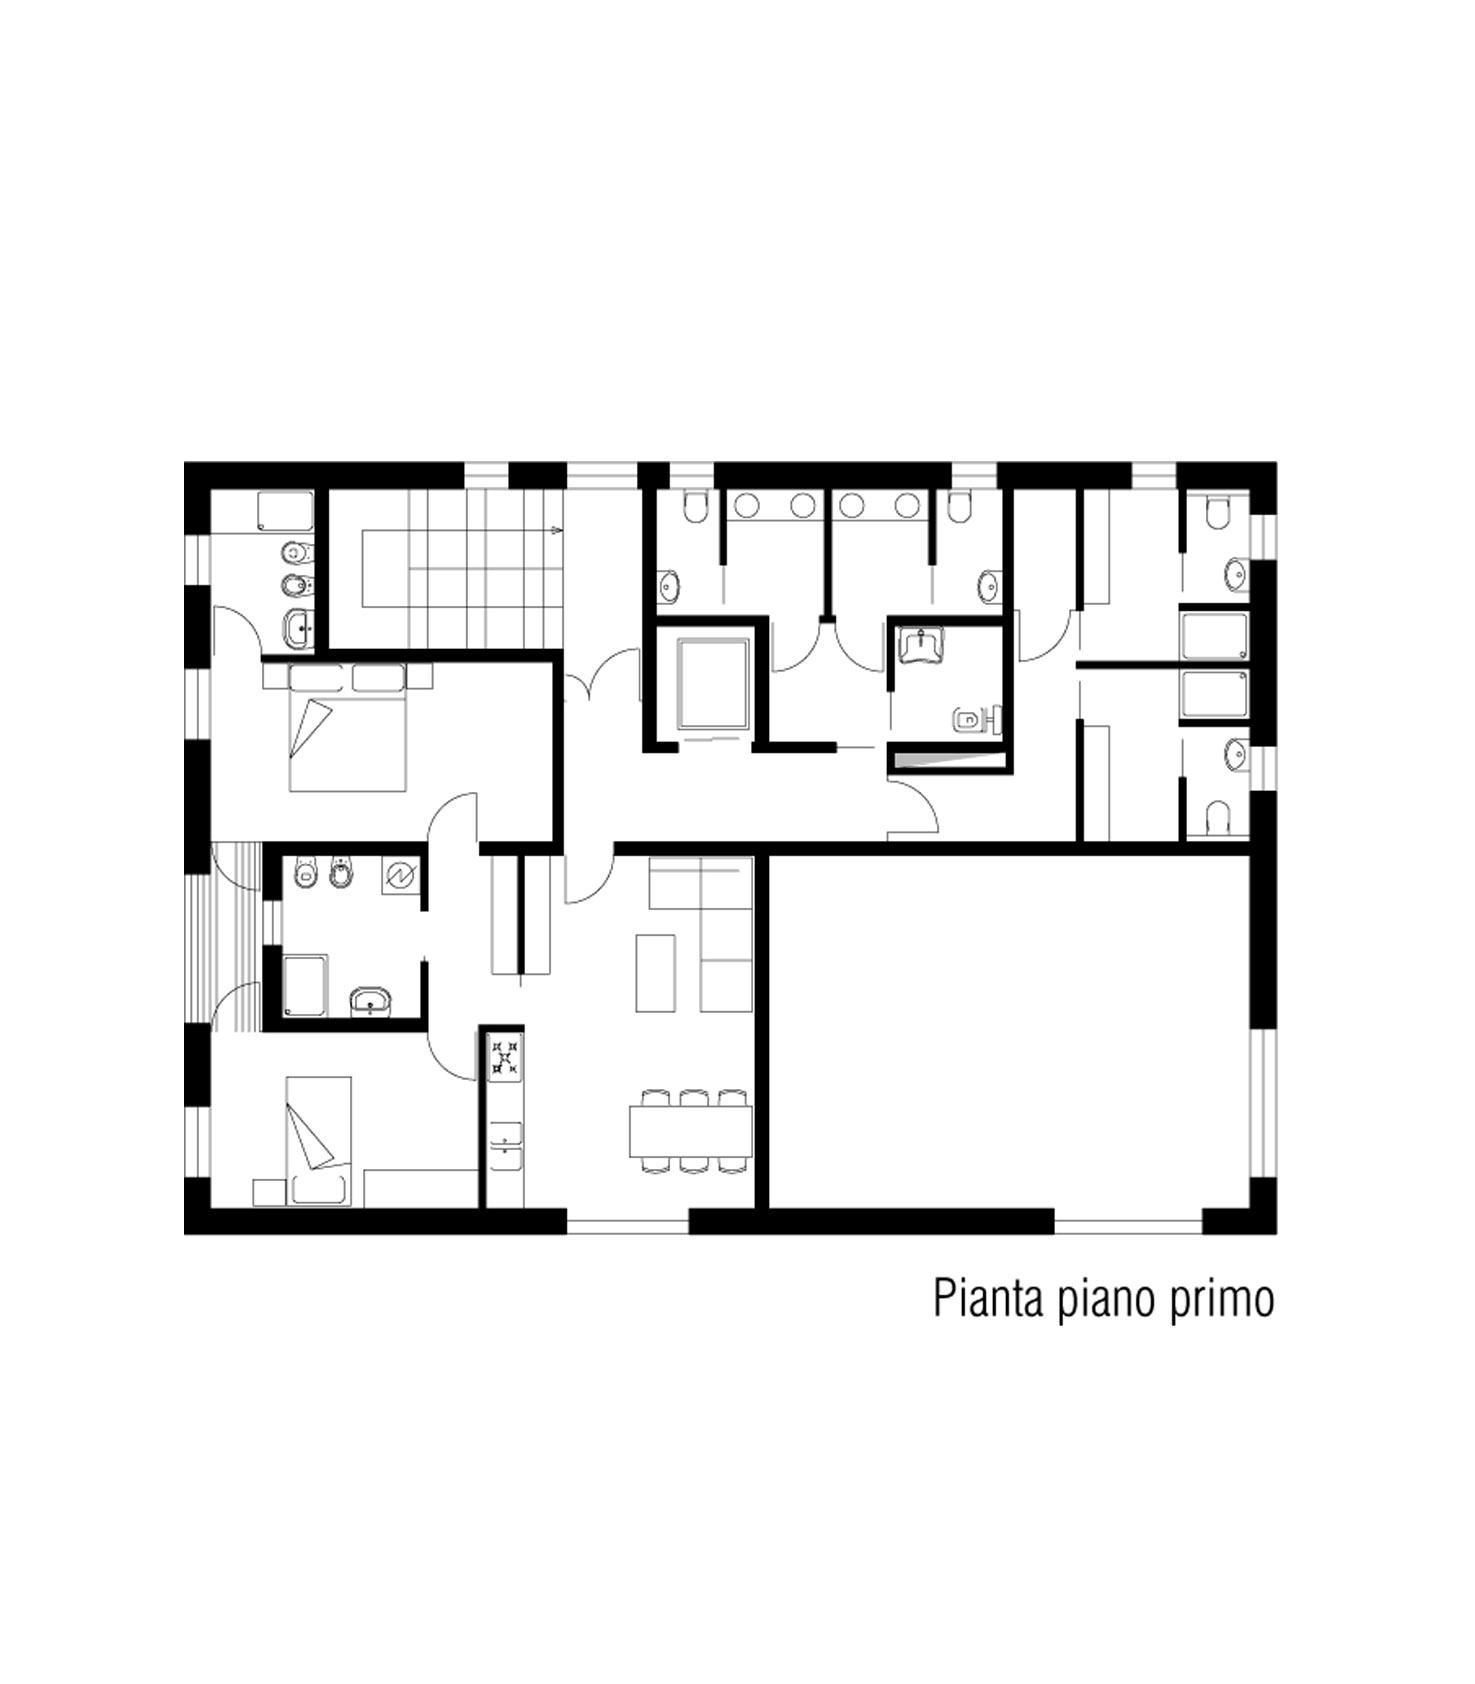 120823_piante-2-copy